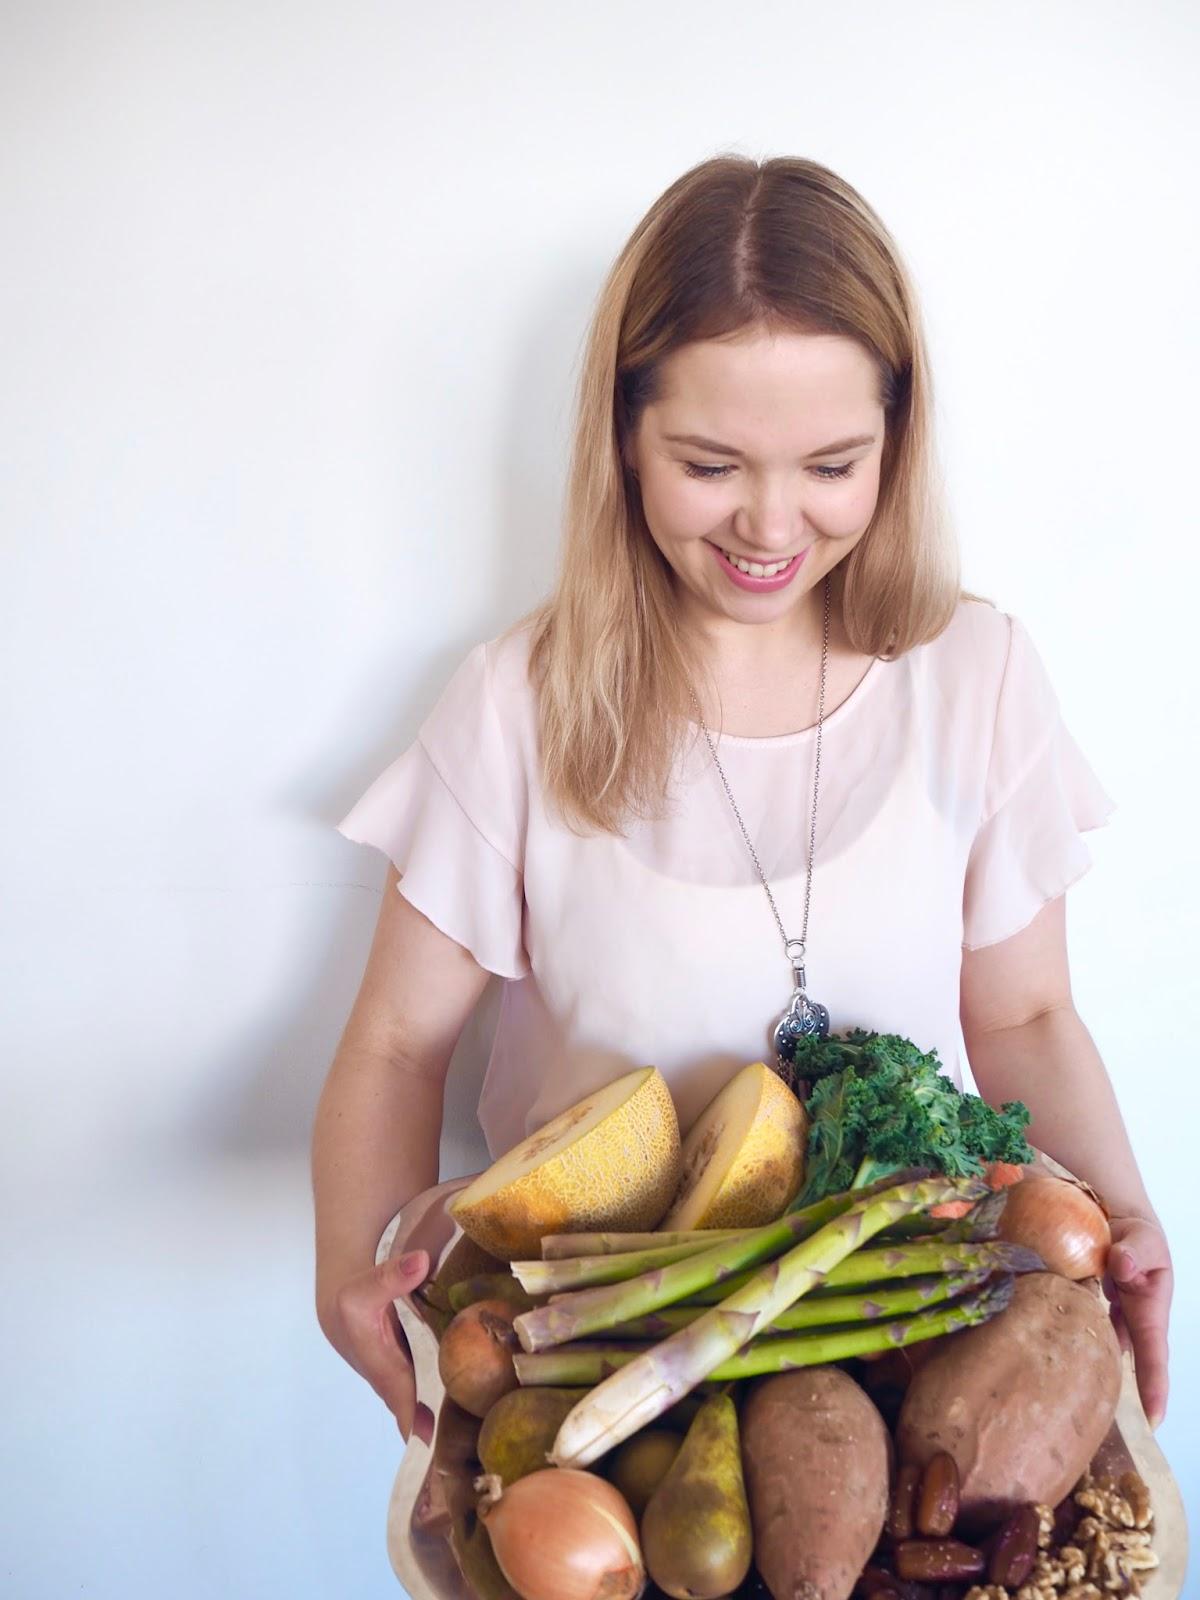 Kasvimaani Kasvisboxi sisältää 5-7 kiloa sesonkikasviksia ja hedelmiä